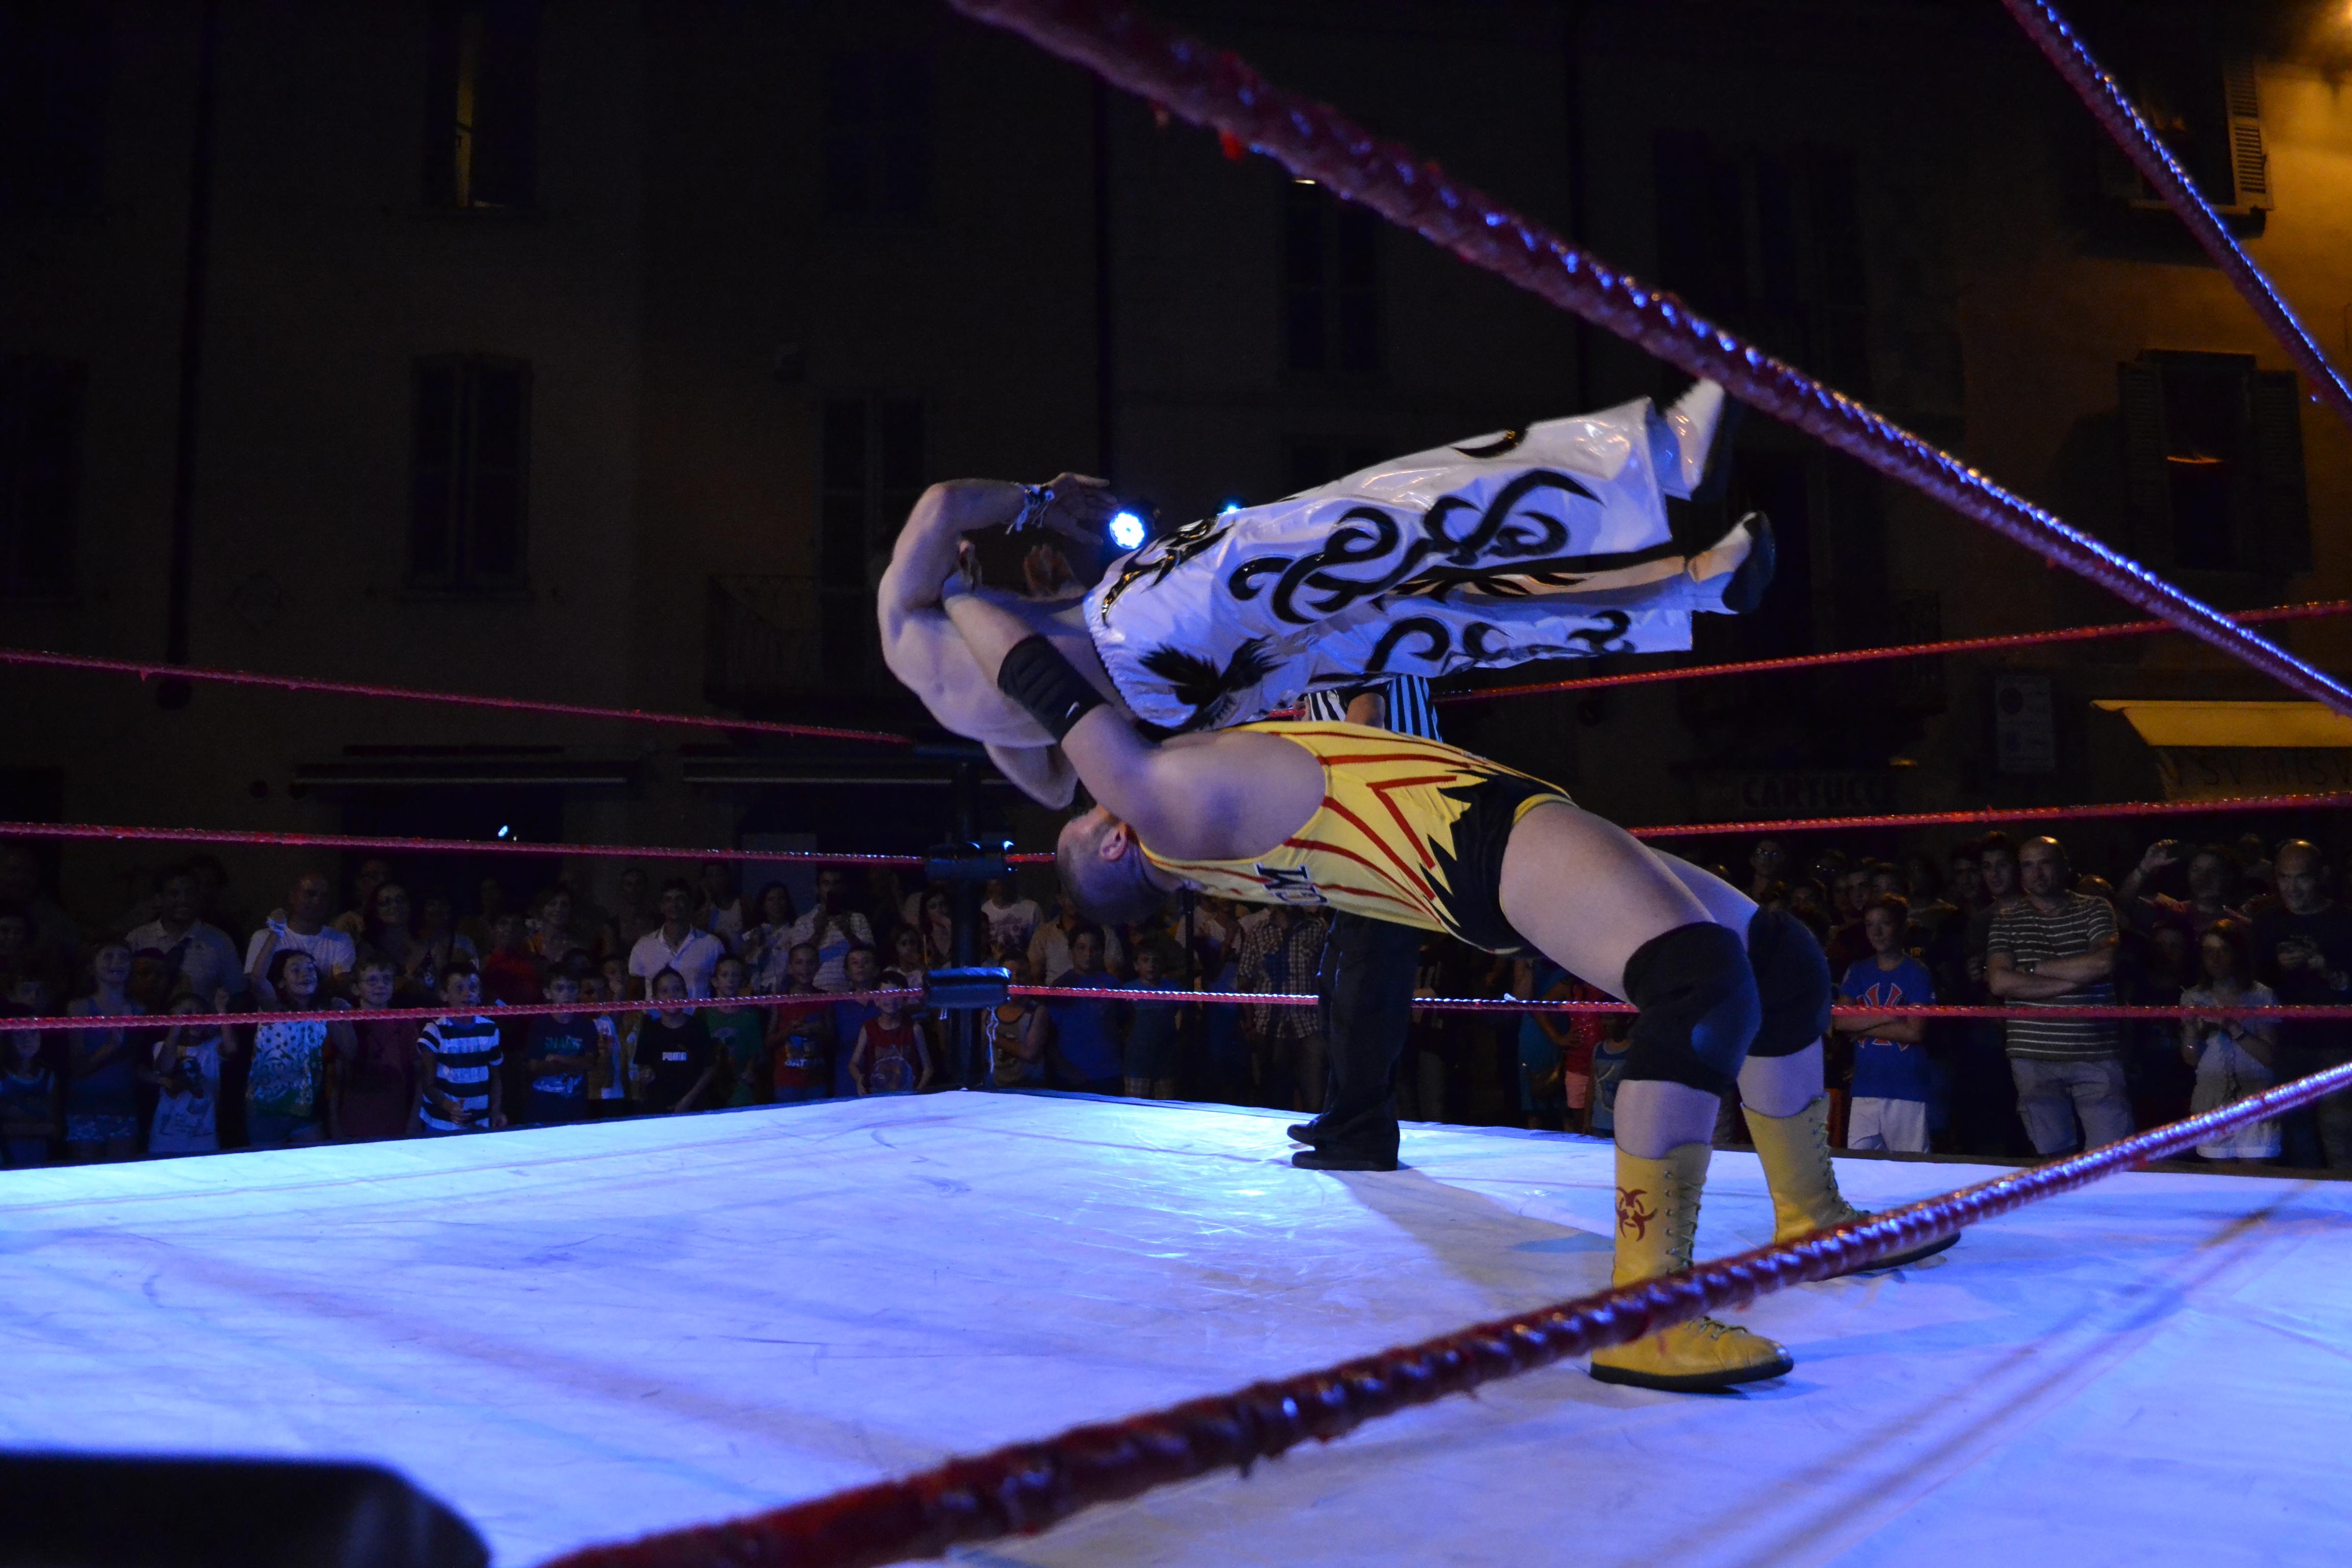 La potenza e l'inaspettata agilità erano due armi devastanti per il 2x Campione Italiano di Wrestling OGM